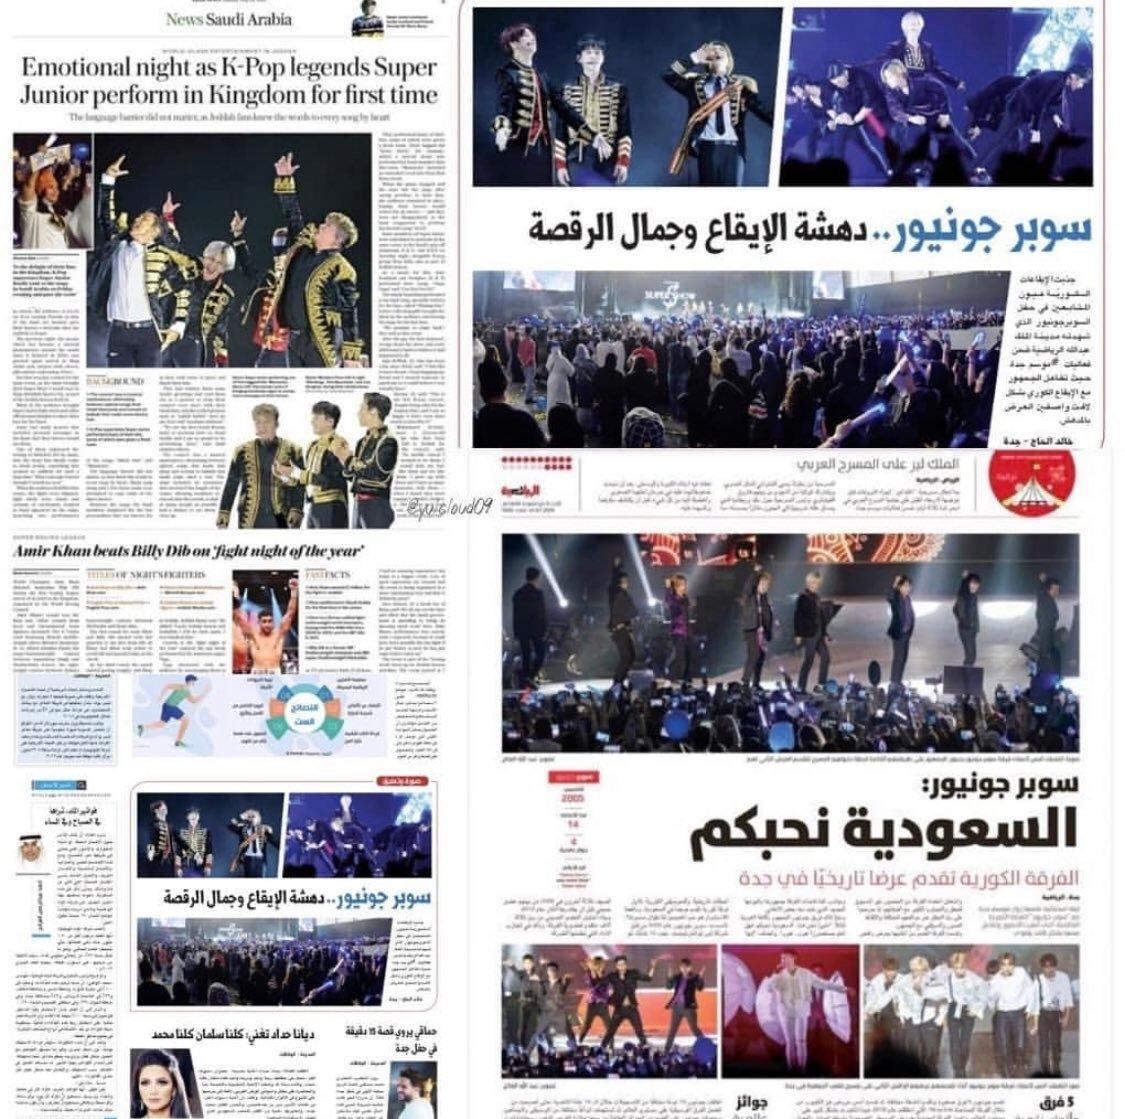 [📰] Super Junior é destaque nas mídias do Oriente Médio por sua apresentação na Arábia Saudita http://www.suju.com.br/uncategorized/super-junior-e-destaque-nas-midias-do-oriente-medio-por-sua-apresentacao-na-arabia-saudita/…  #SUPERJUNIOR #슈퍼주니어 @SJofficial #슈주 #suju